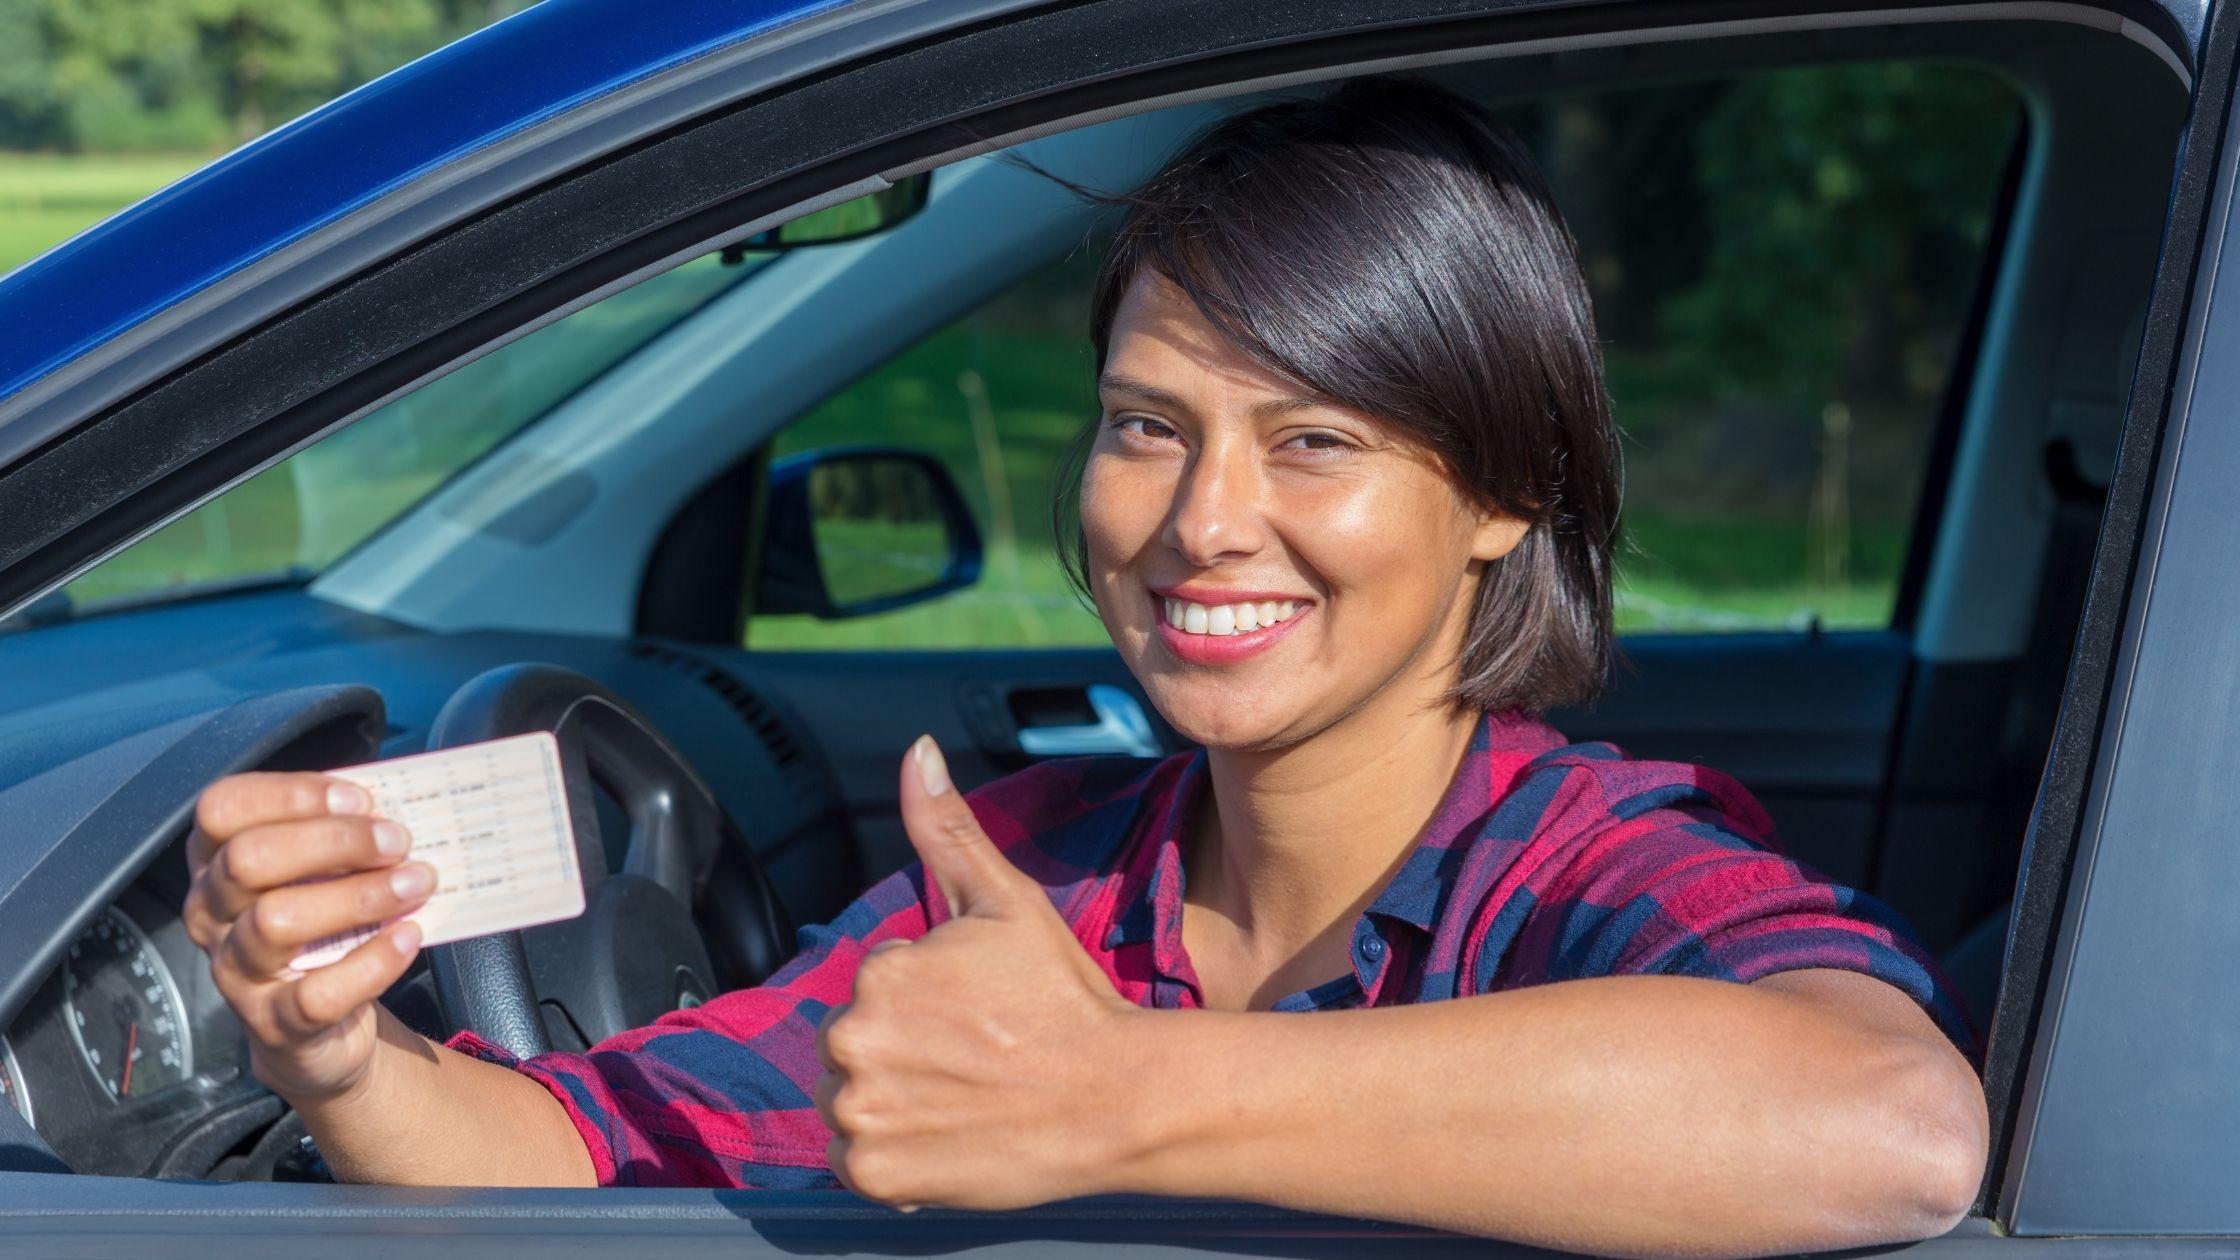 patenti-di-guida-per-auto-quali-sono-i-limiti